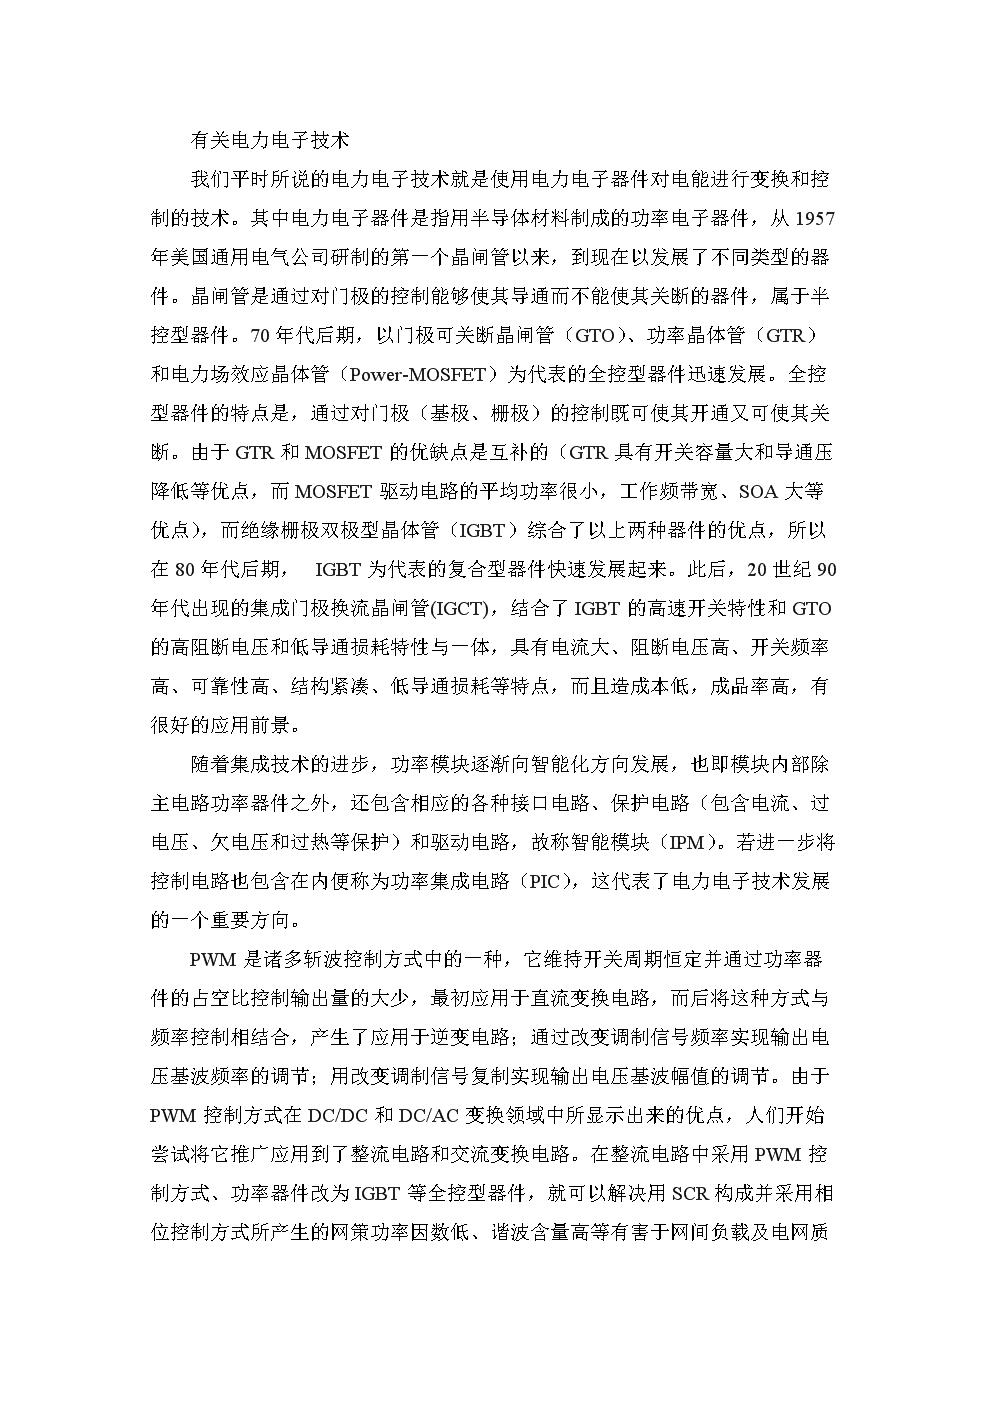 有关电力电子技术.doc